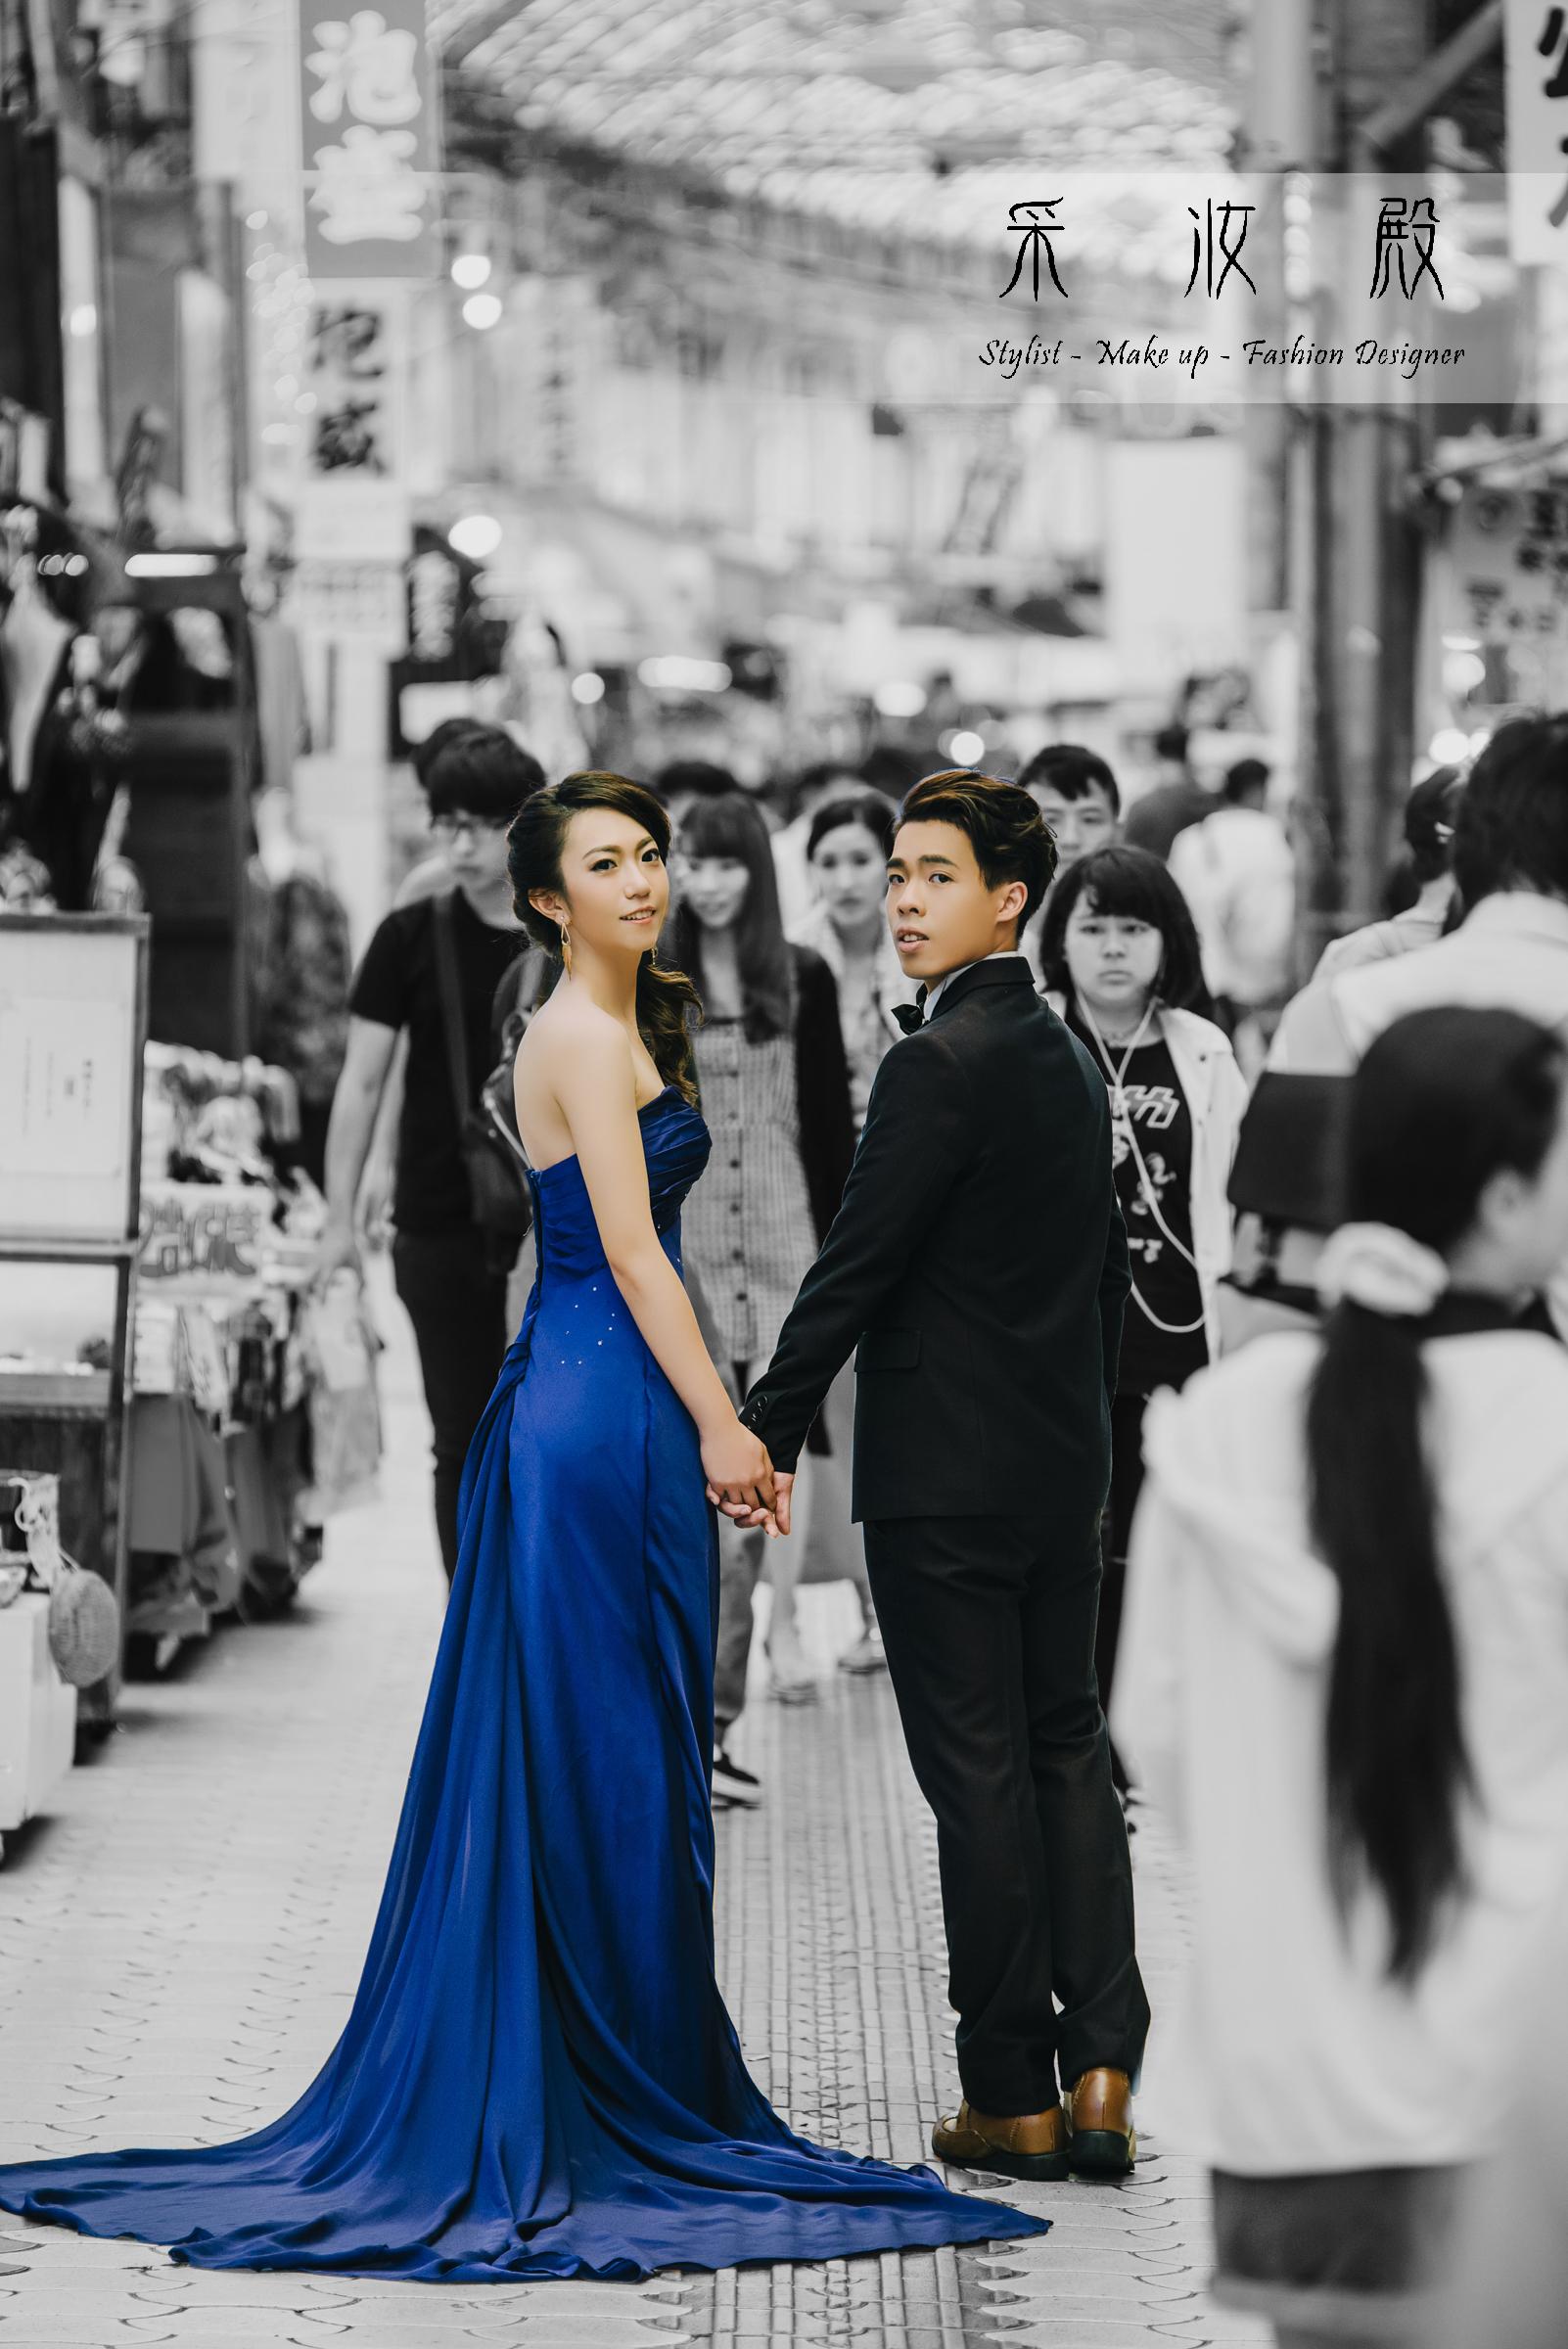 婚紗攝影工作室,海外婚禮,攝影工作室,檔案全贈,,,, - 采22918殿整體造型攝影團隊 作品瀏覽